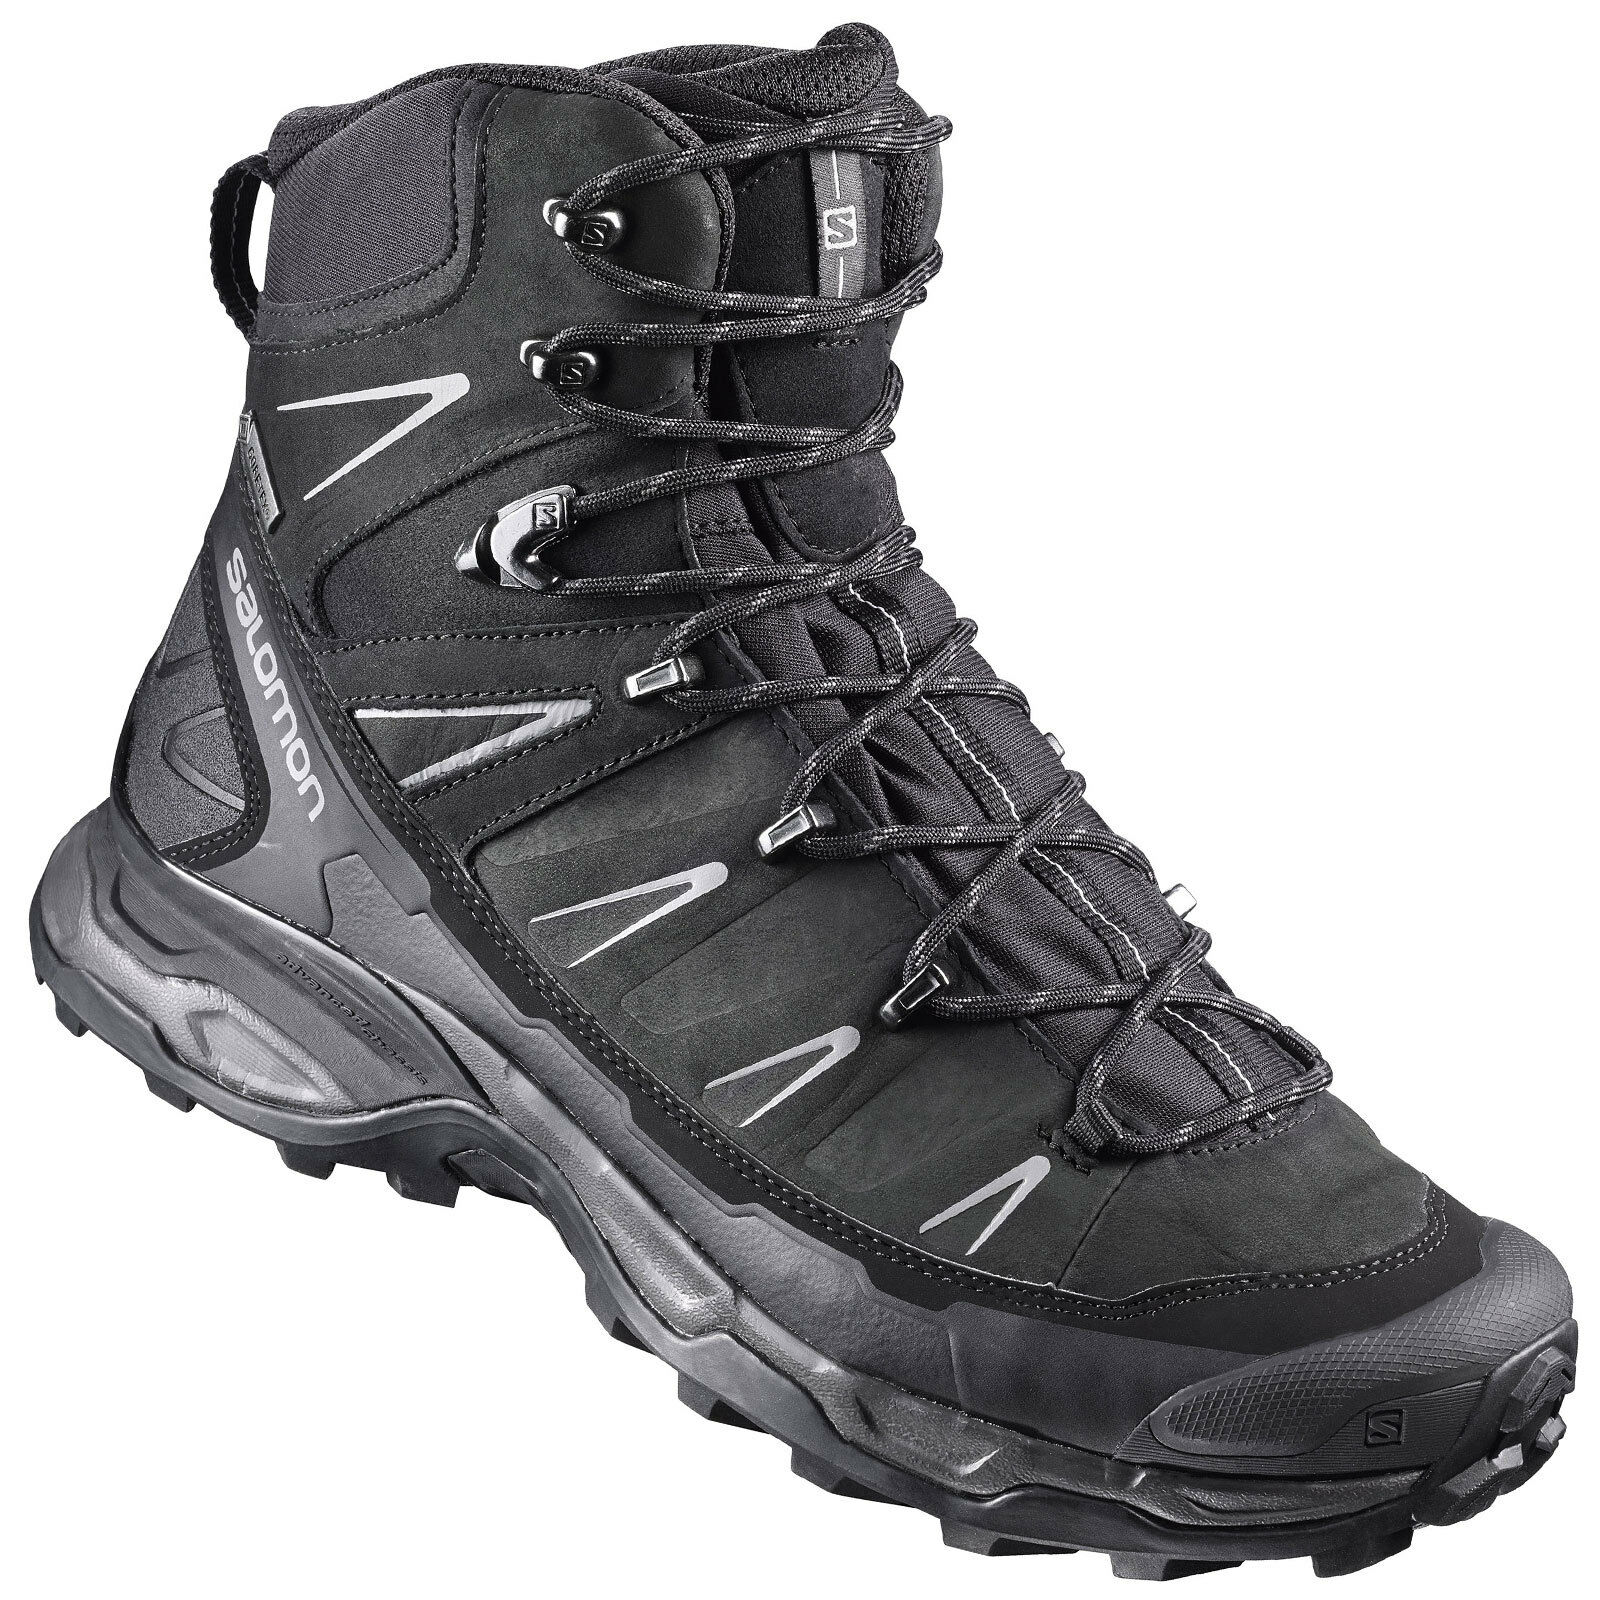 Men s Shoes SNEAKERS Salomon X Ultra Trek GTX 378387 EU 45 1 3 for ... dff3ee90d47